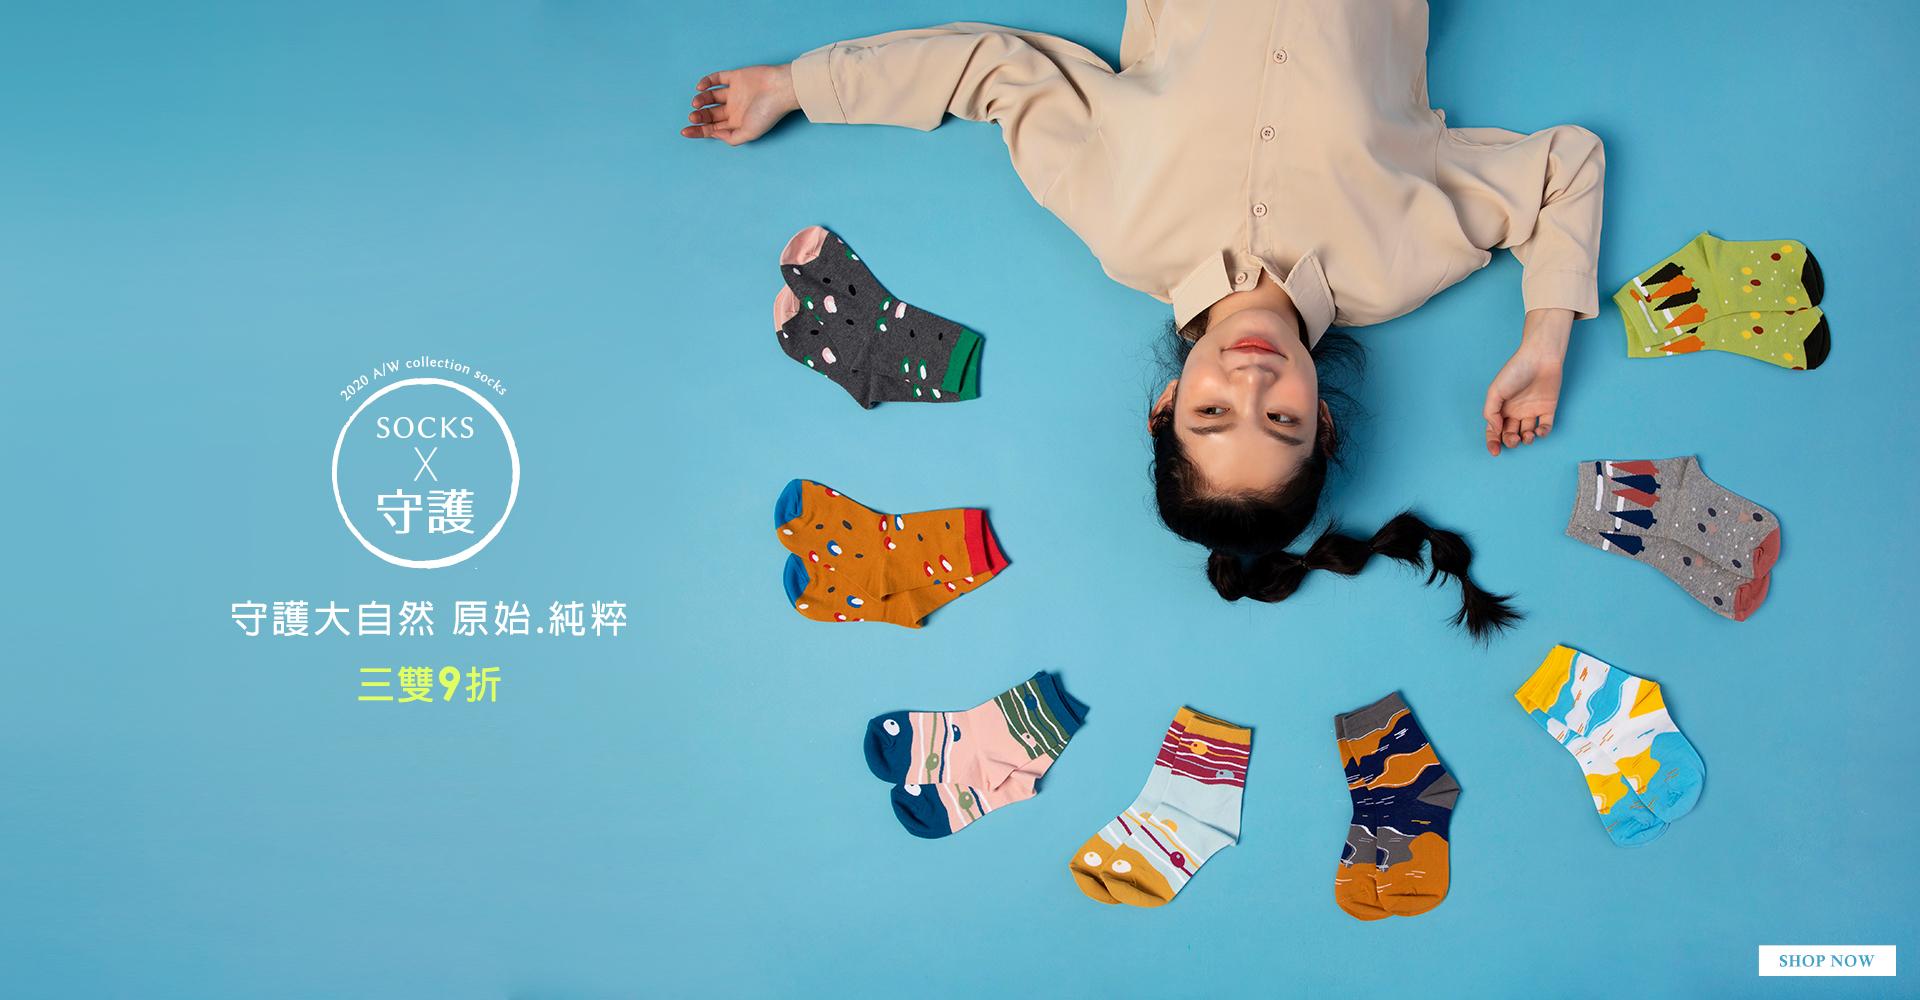 新款設計棉襪 3雙9折